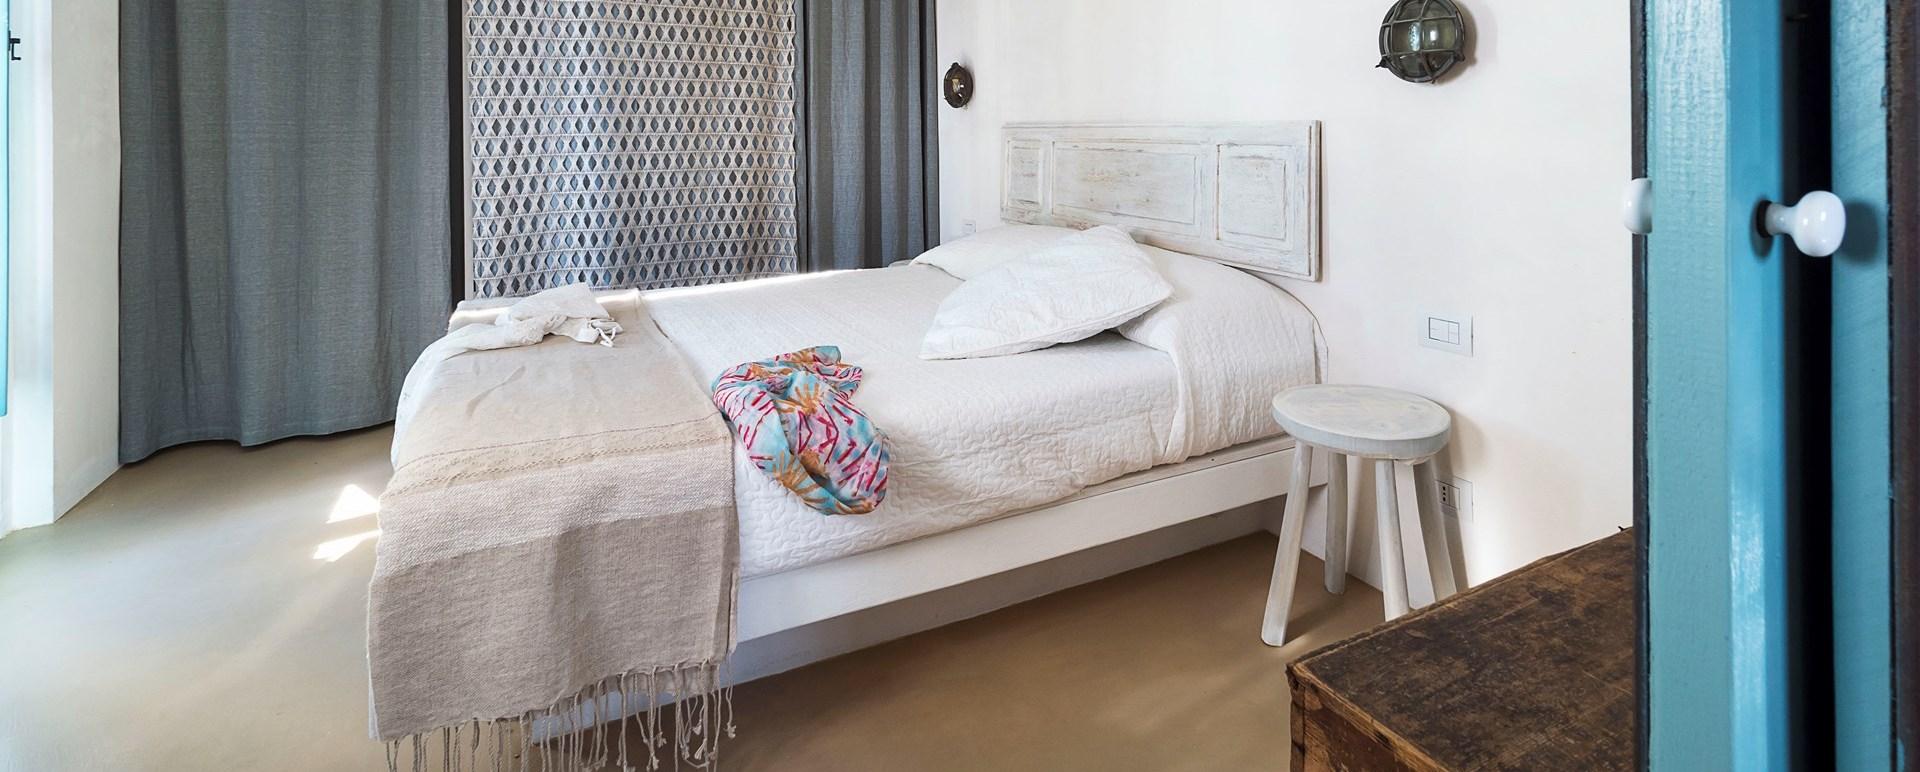 golden-sands-sicily-villa-bedroom